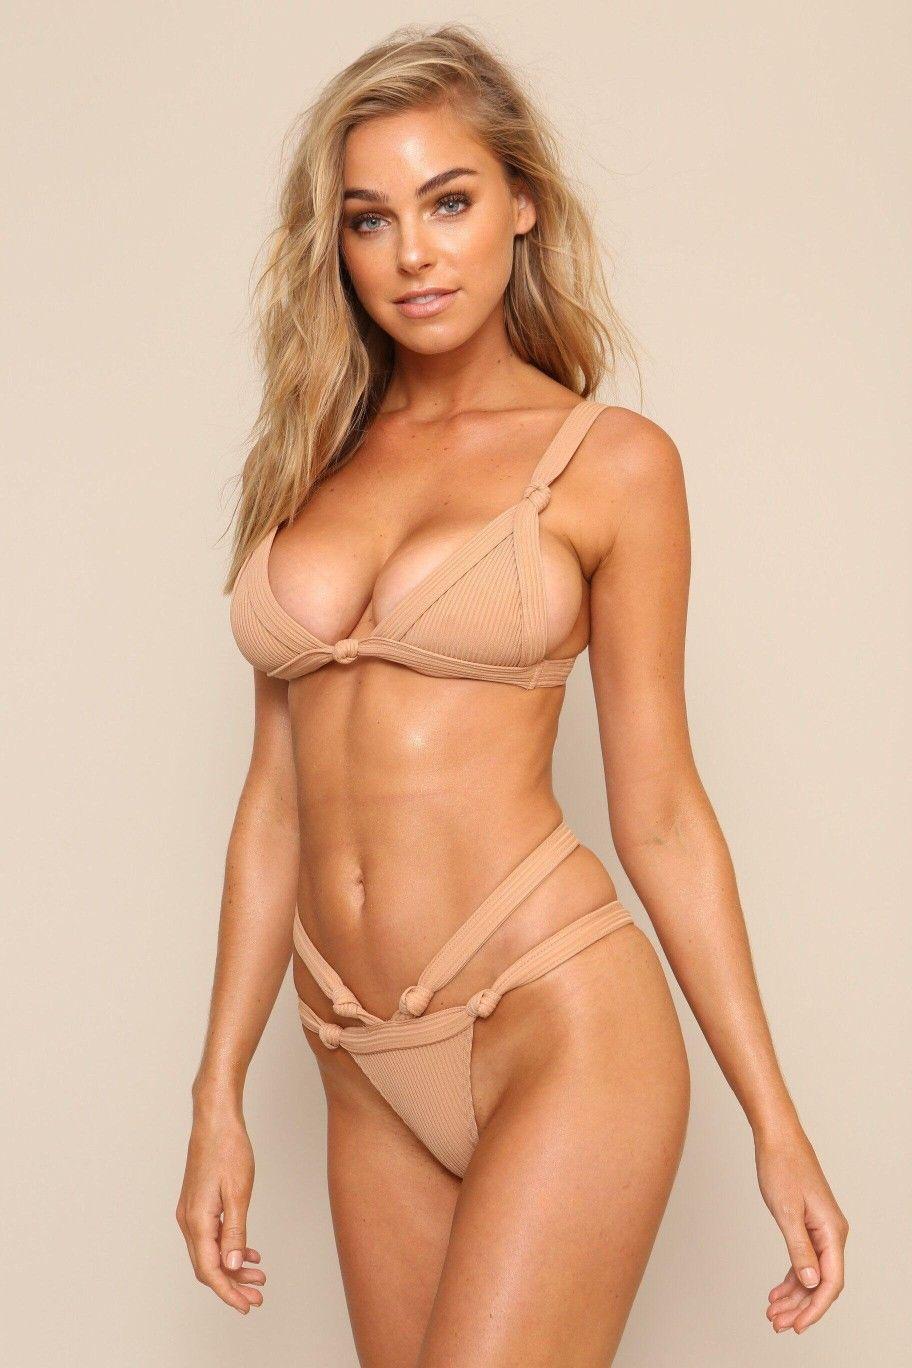 Erika bellucci nude